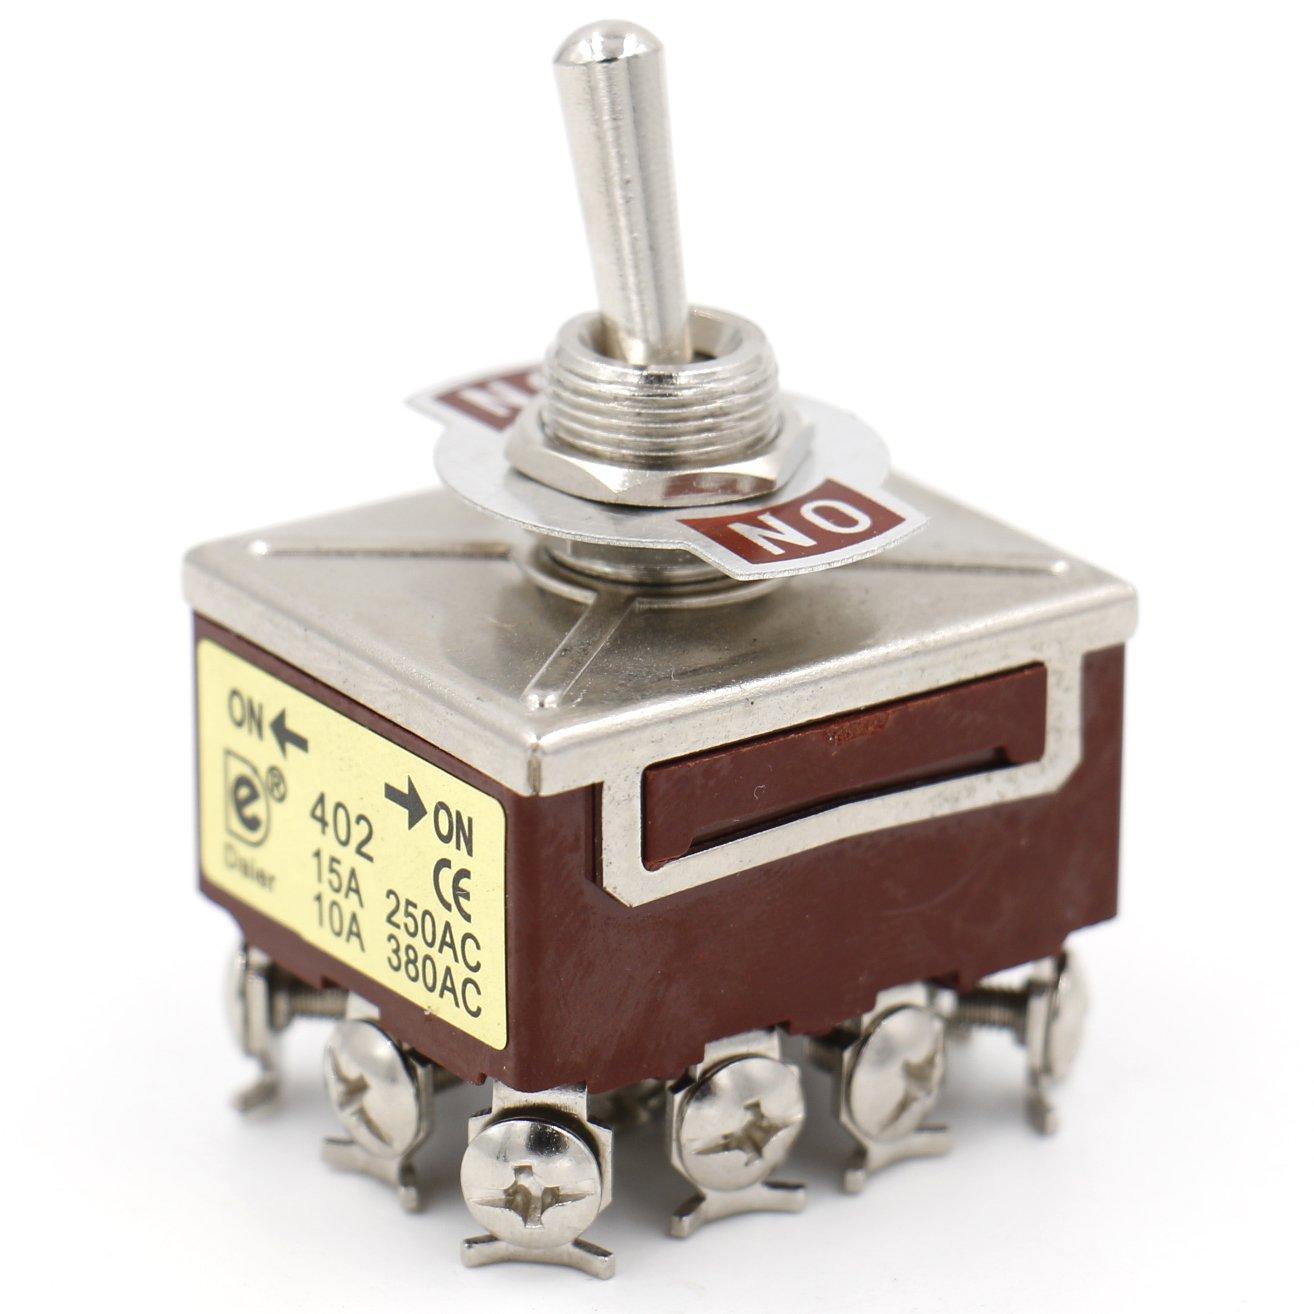 Heschen Interrupteur /à bascule en m/étal 4PDT avec position maintenue On//On 15/A 250/V CA 10/A 380/V CA CE